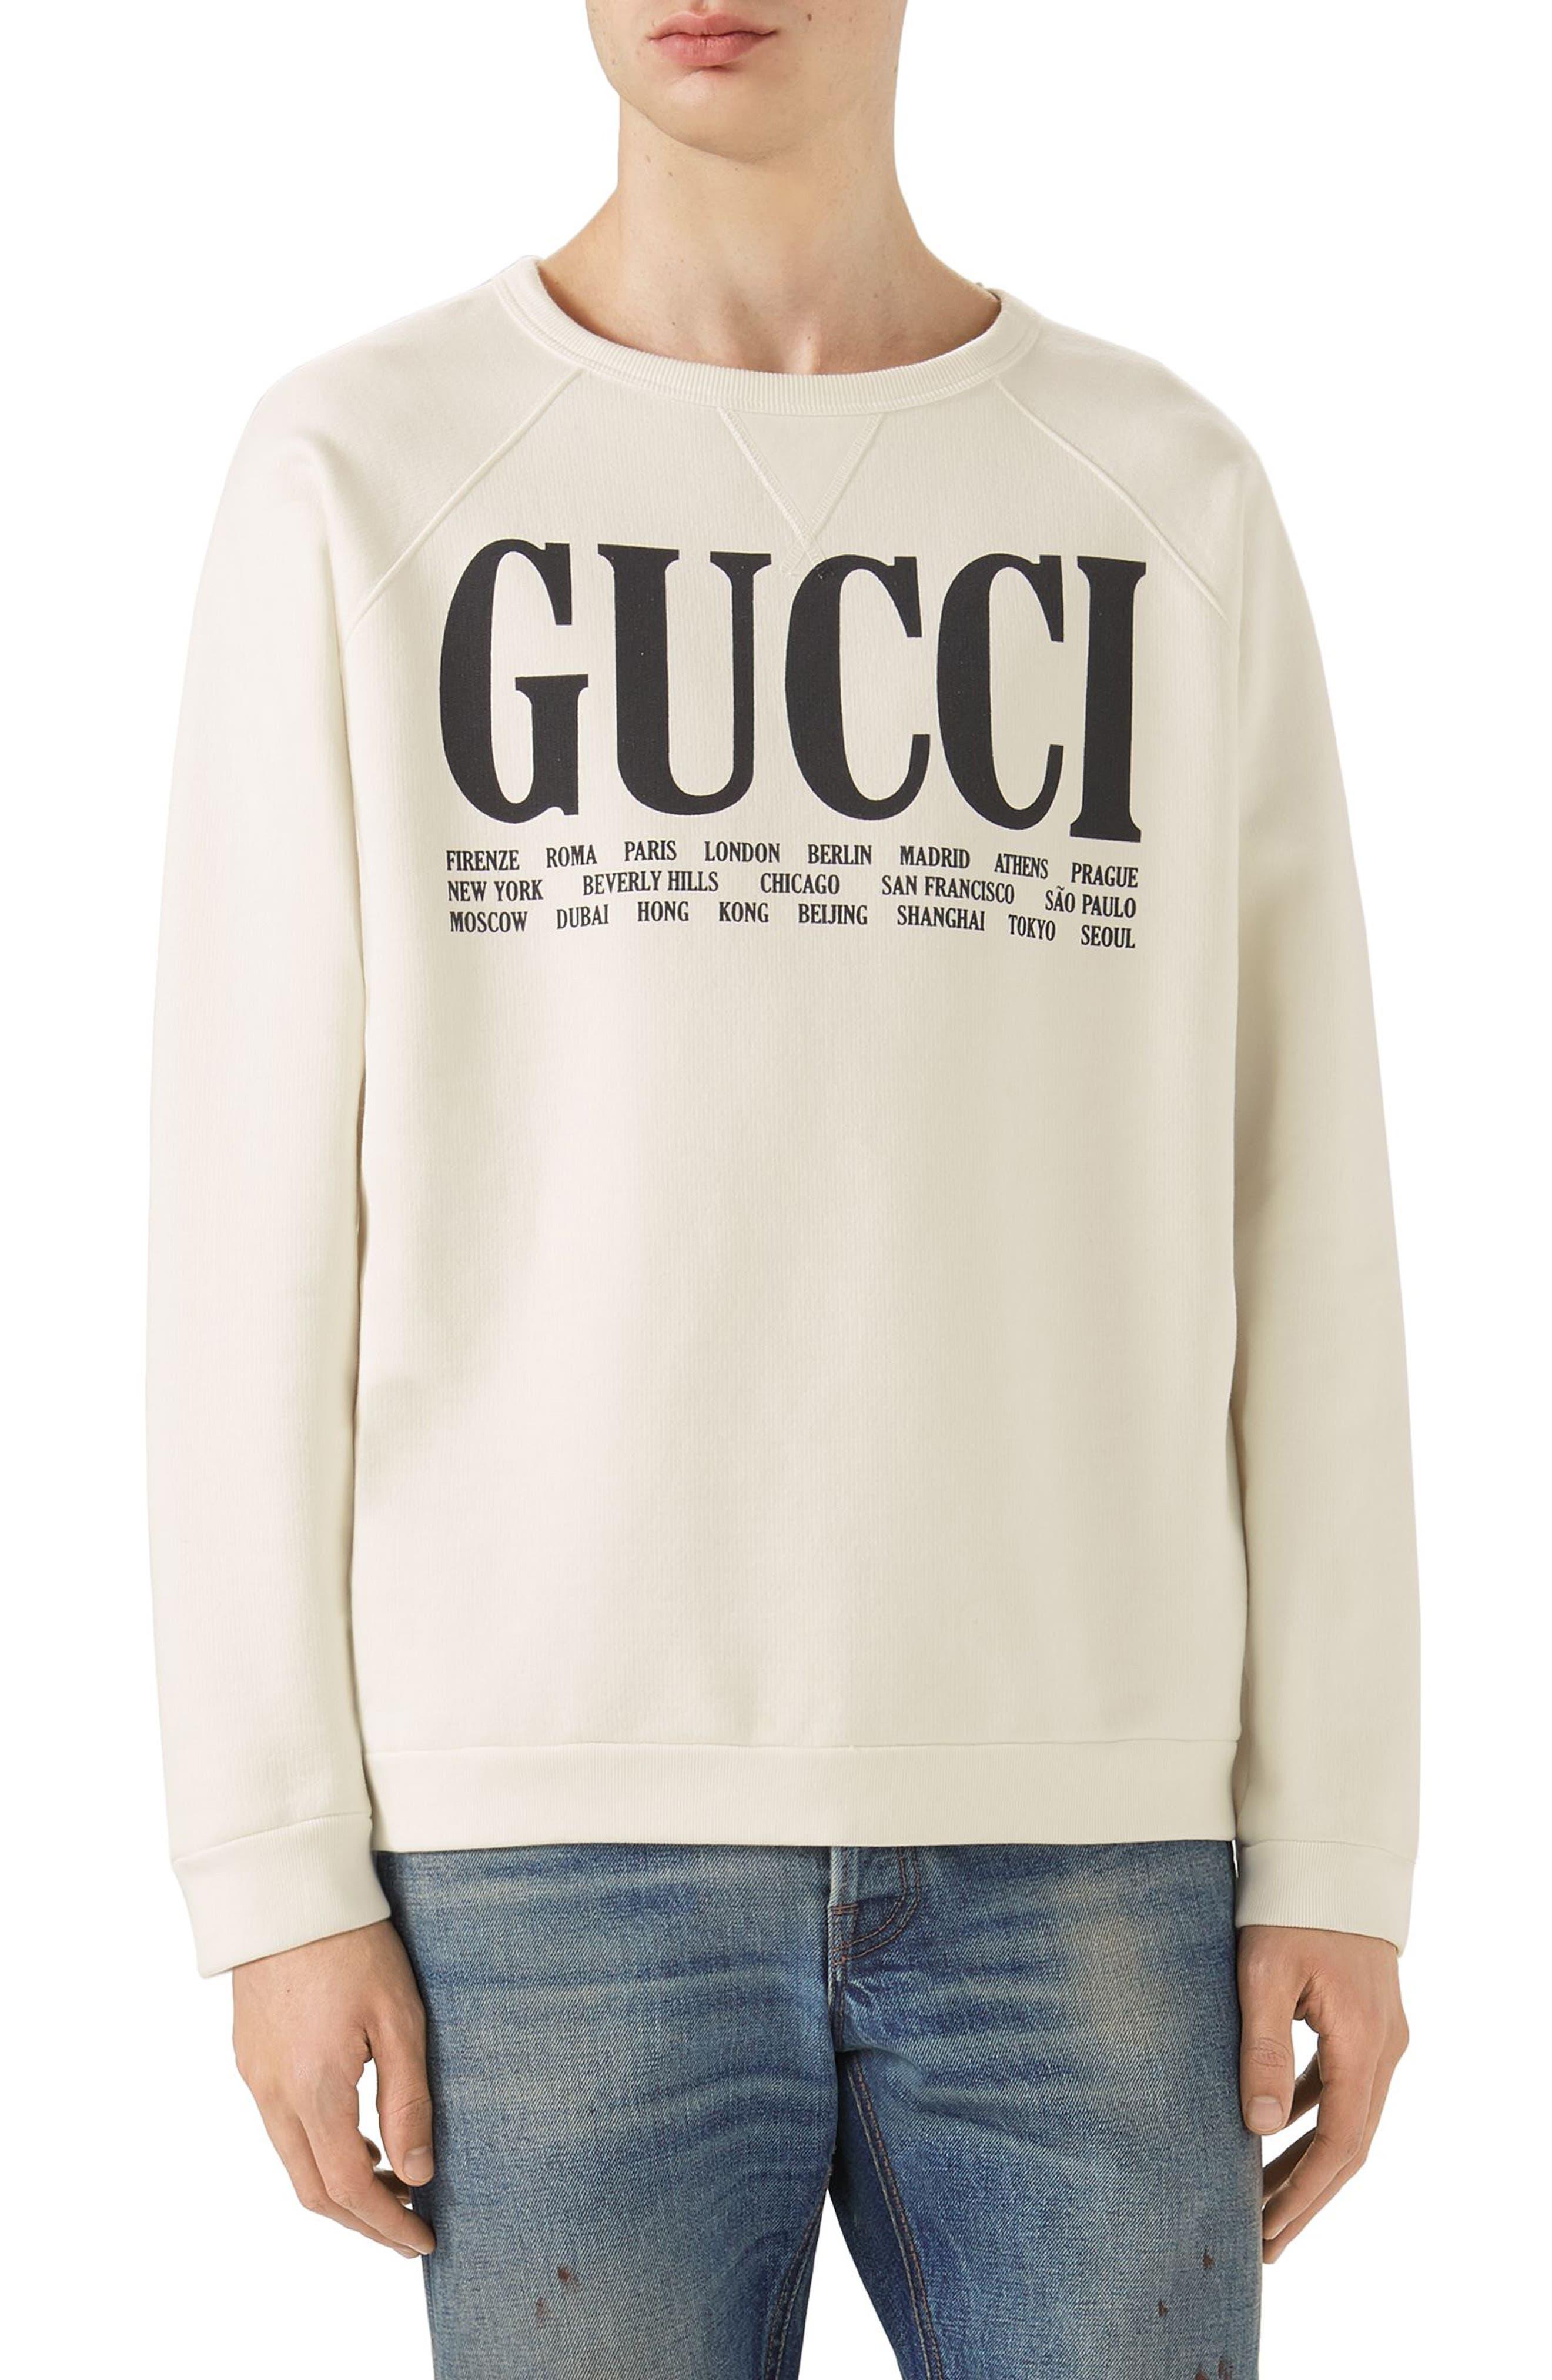 GUCCI, Flagship City Graphic Sweatshirt, Main thumbnail 1, color, 187